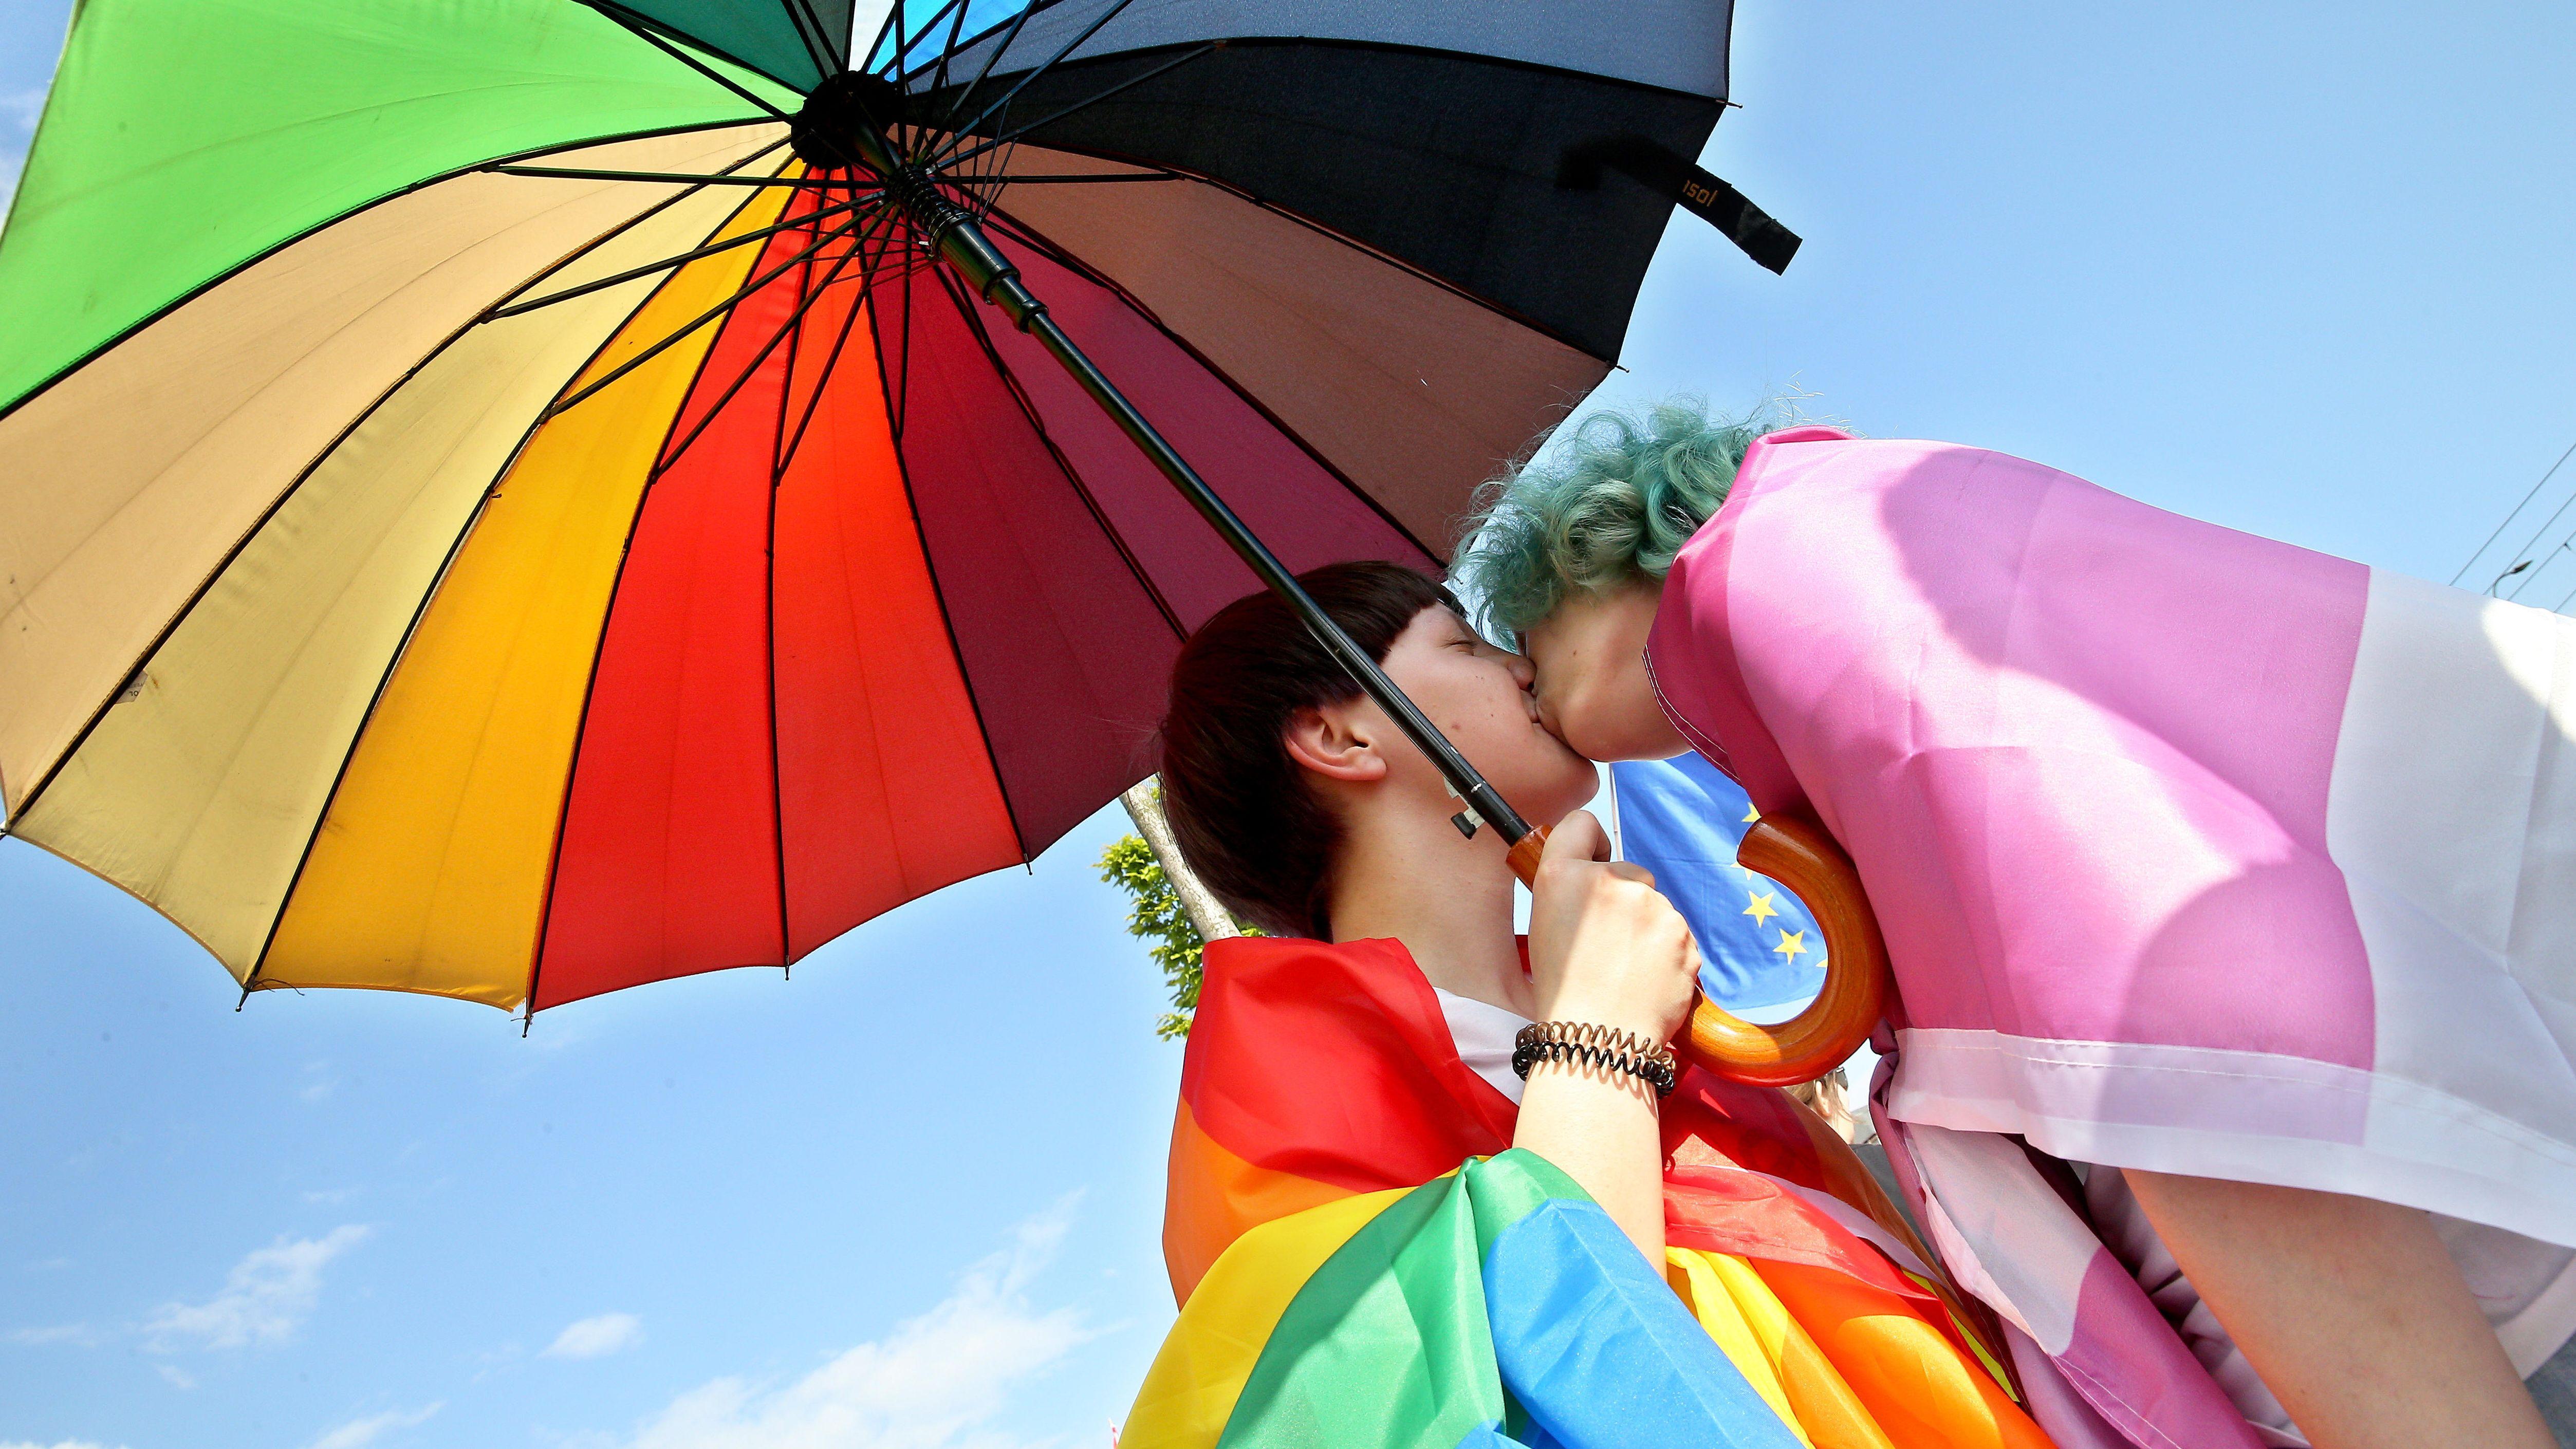 Zwei Frauen küssen sich unter einem Regenbogenschirm.